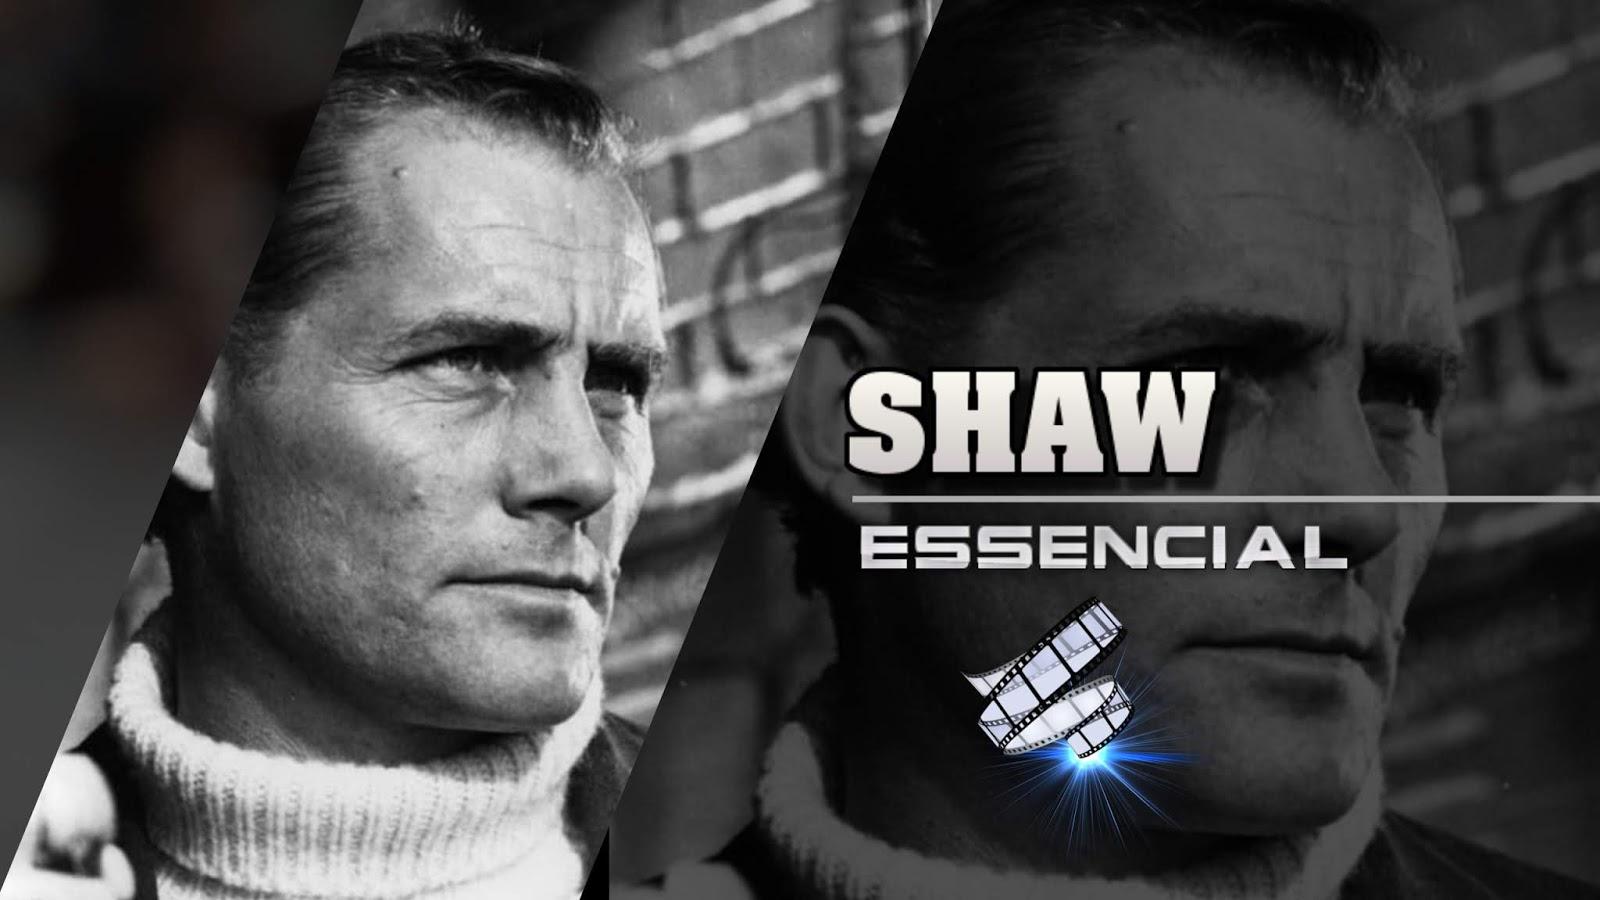 robert-shaw-10-filmes-essenciais